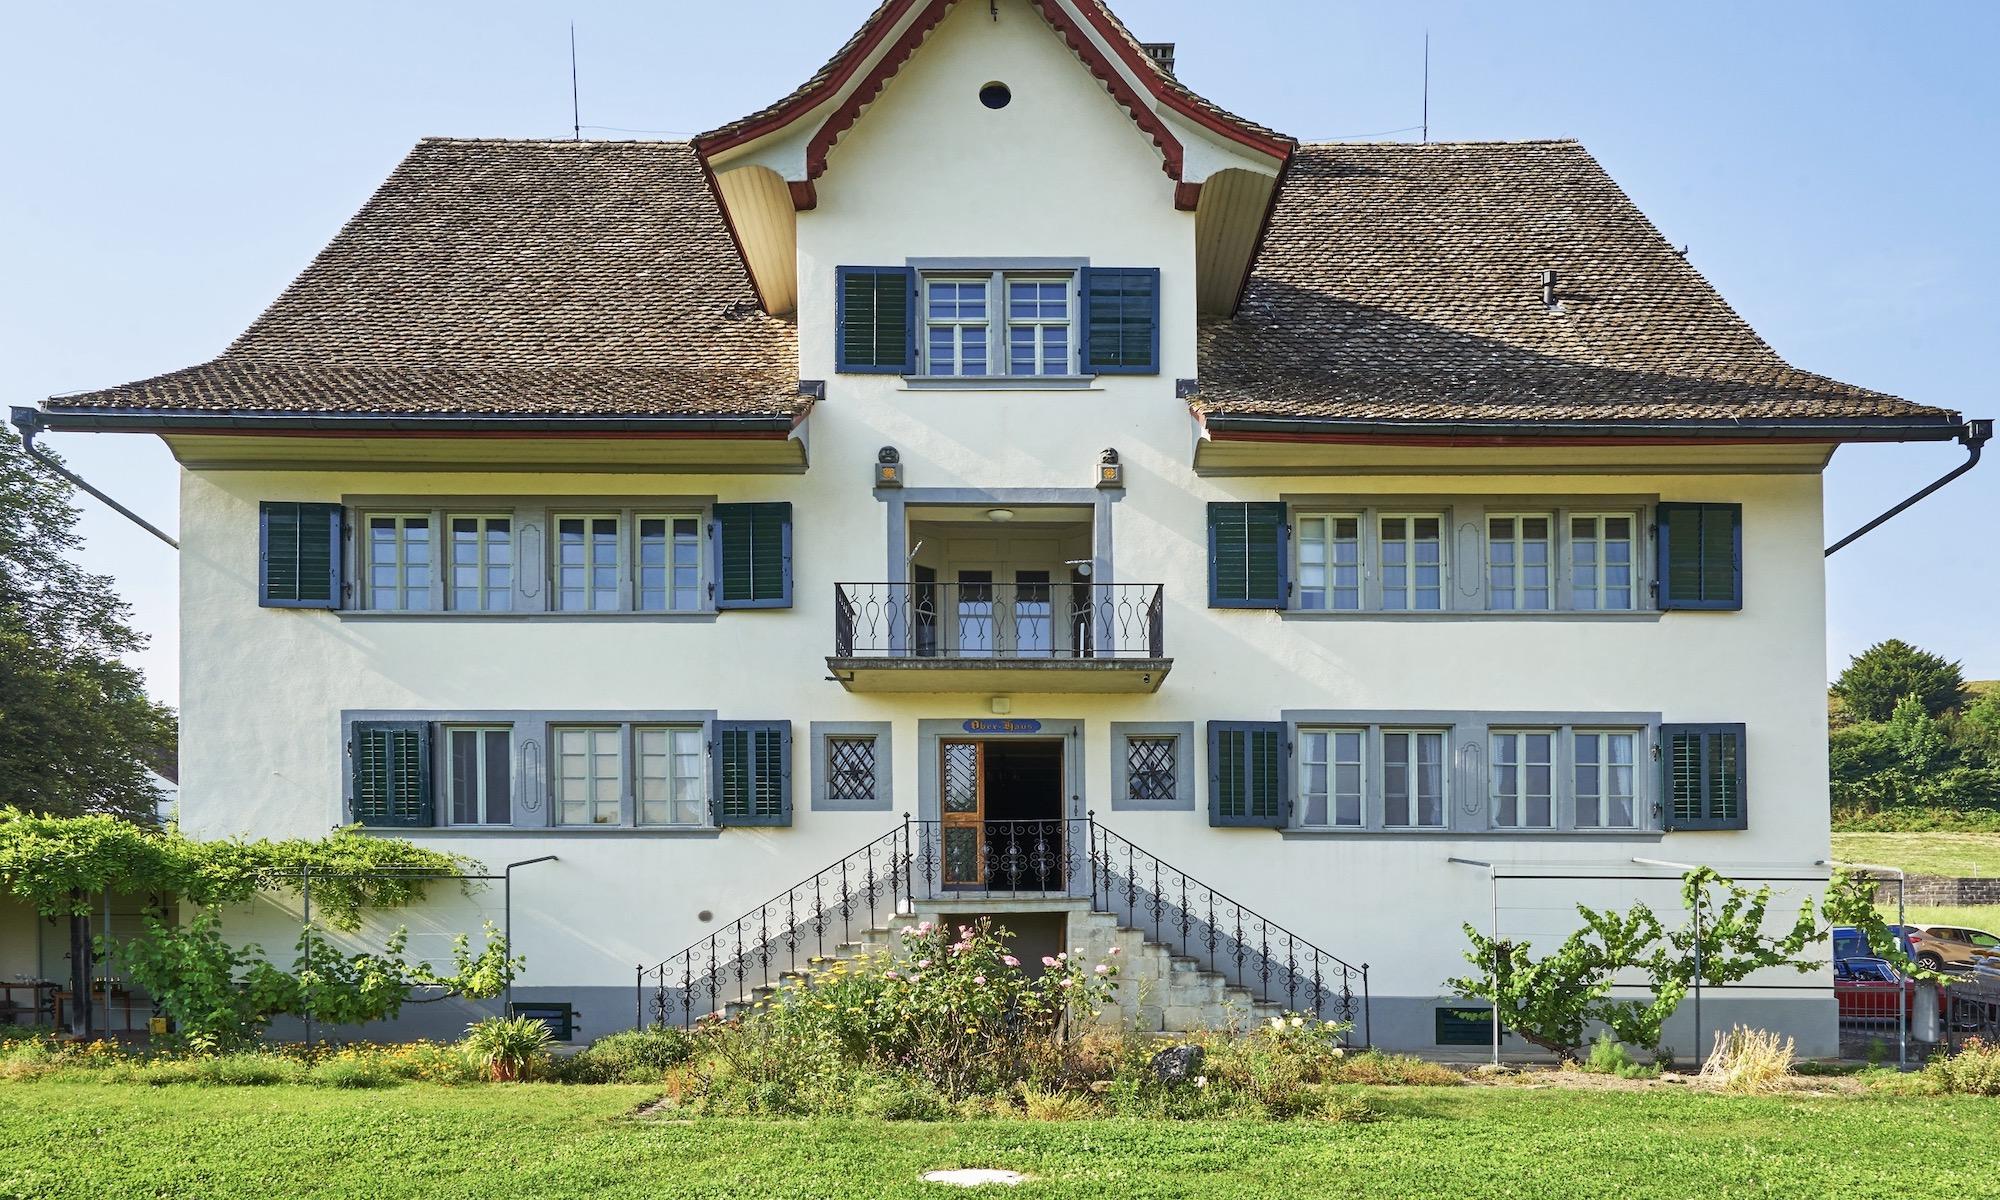 B&B Oberhaushof